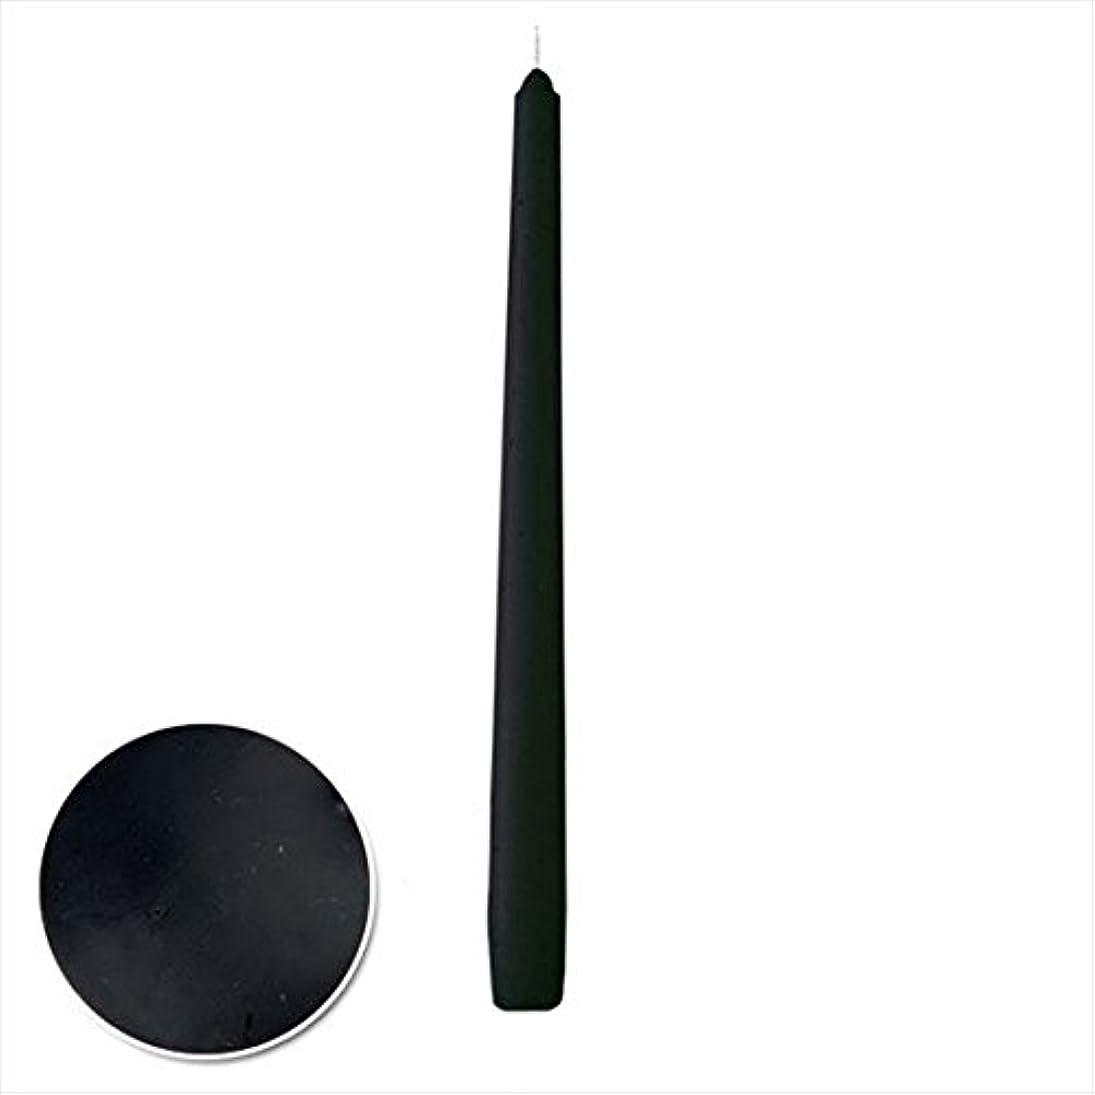 シェアバルブ過言カメヤマキャンドル(kameyama candle) 12インチテーパー 「 ブラック 」 12本入り